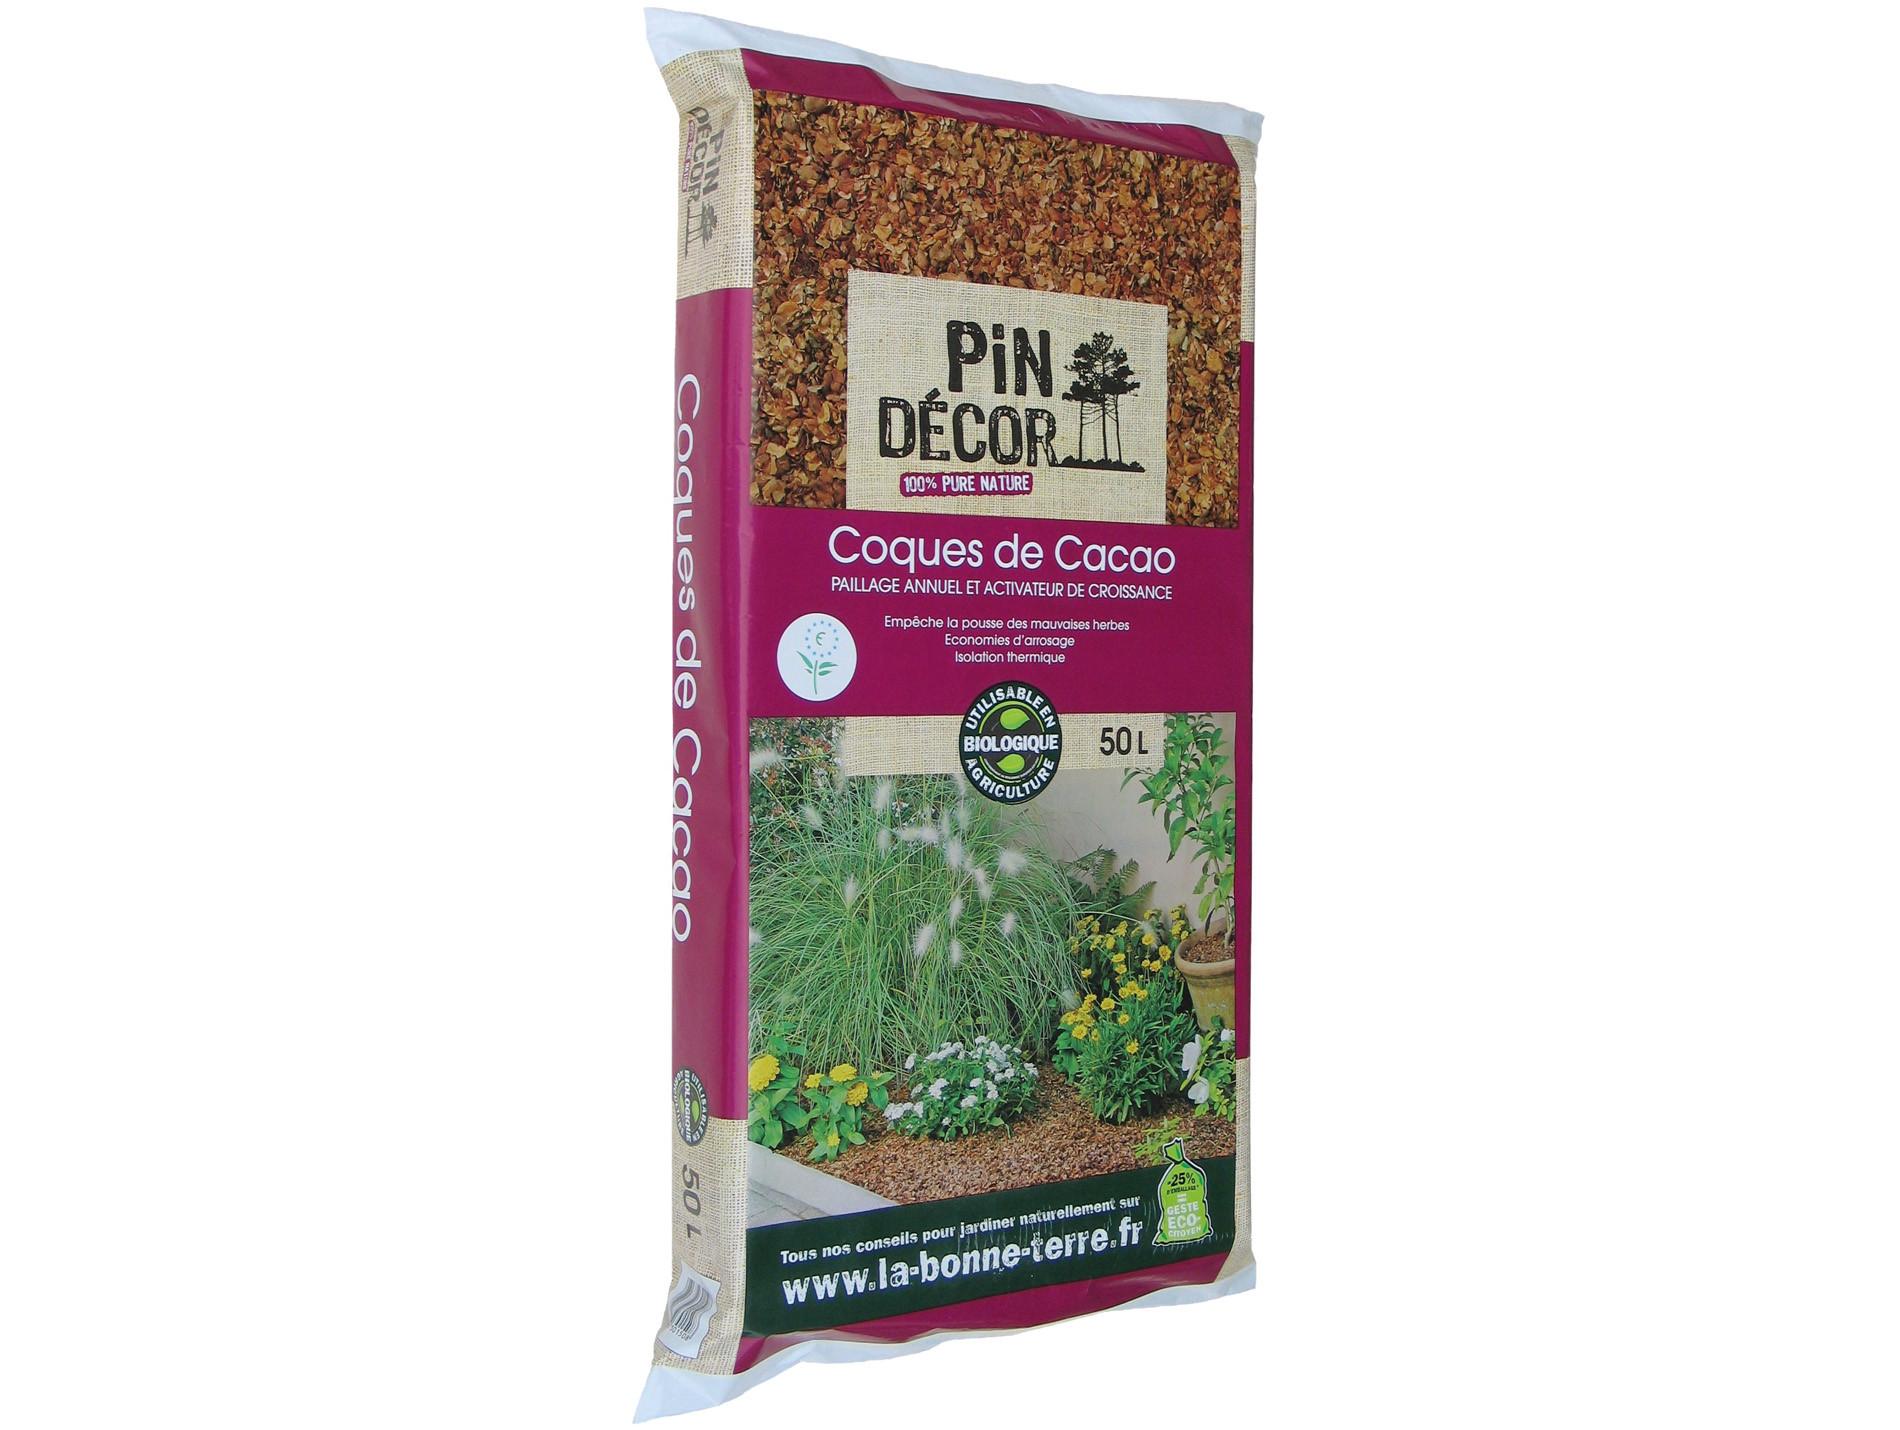 Coques de cacao PIN DECOR 50L